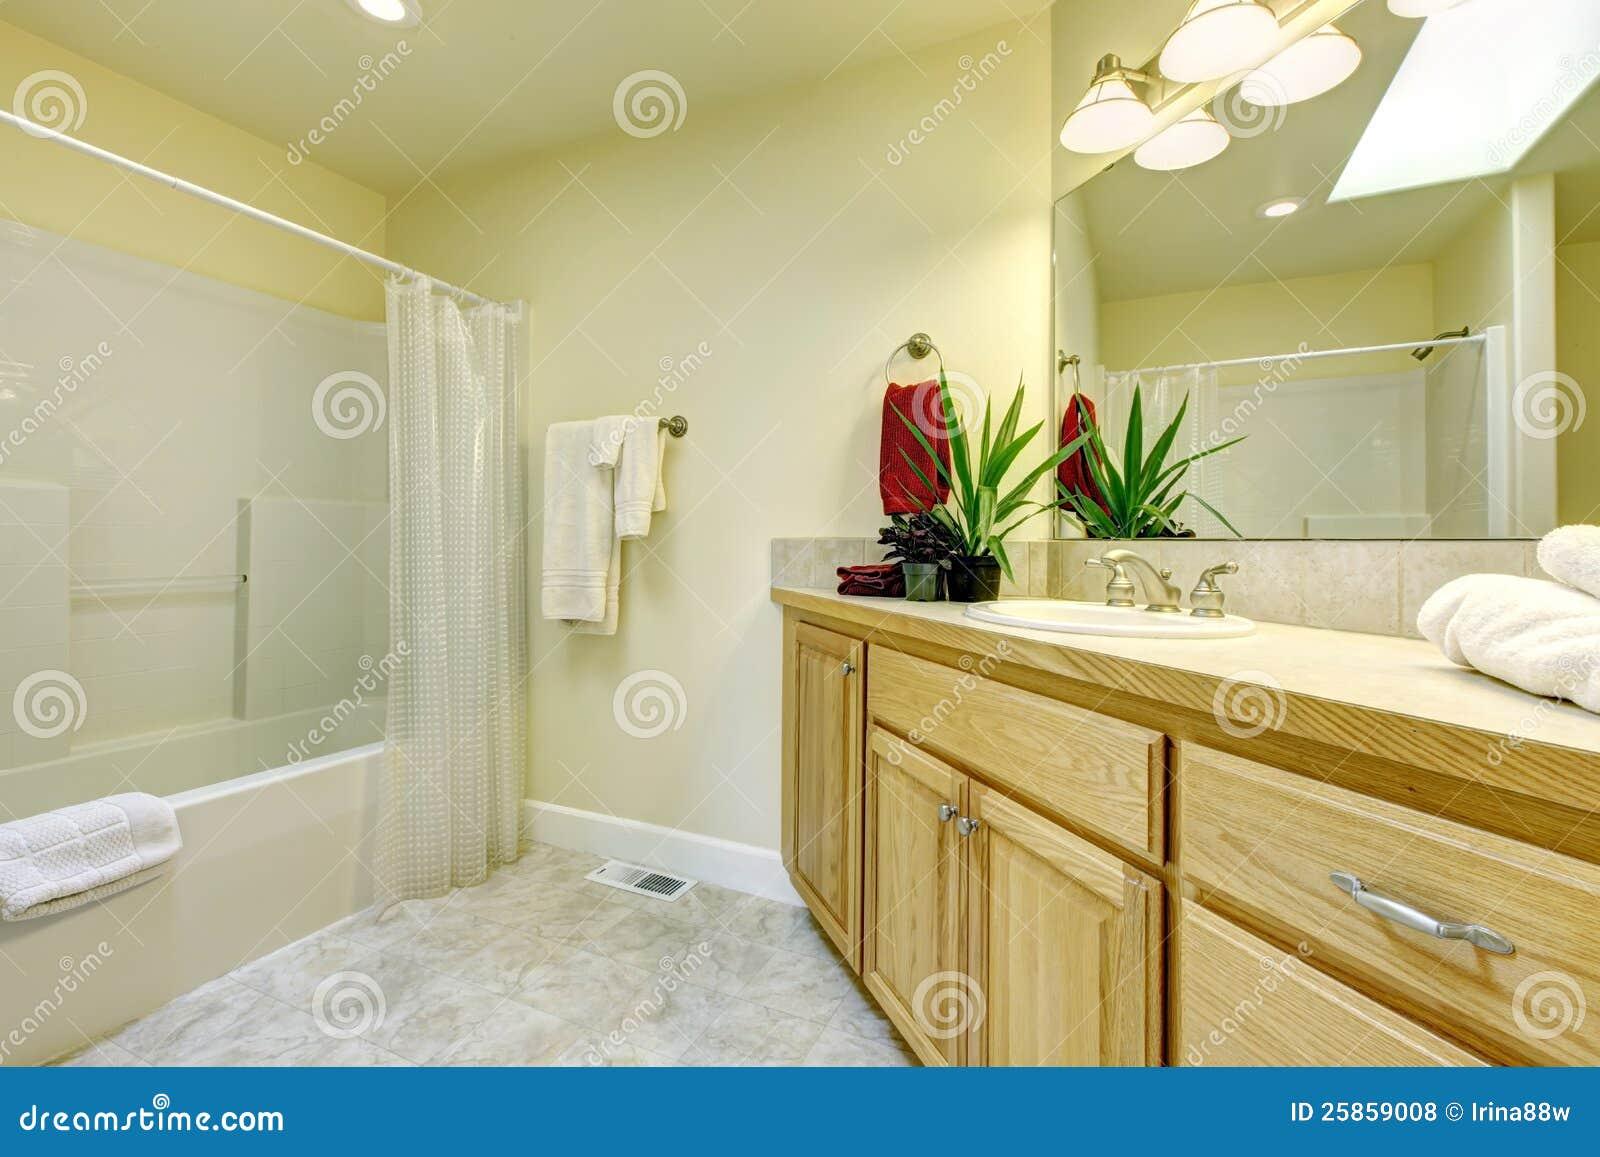 Grande Banheiro Simples Com Os Gabinetes Da Cuba E Da Madeira Fotos de Stock -> Cuba Banheiro Grande